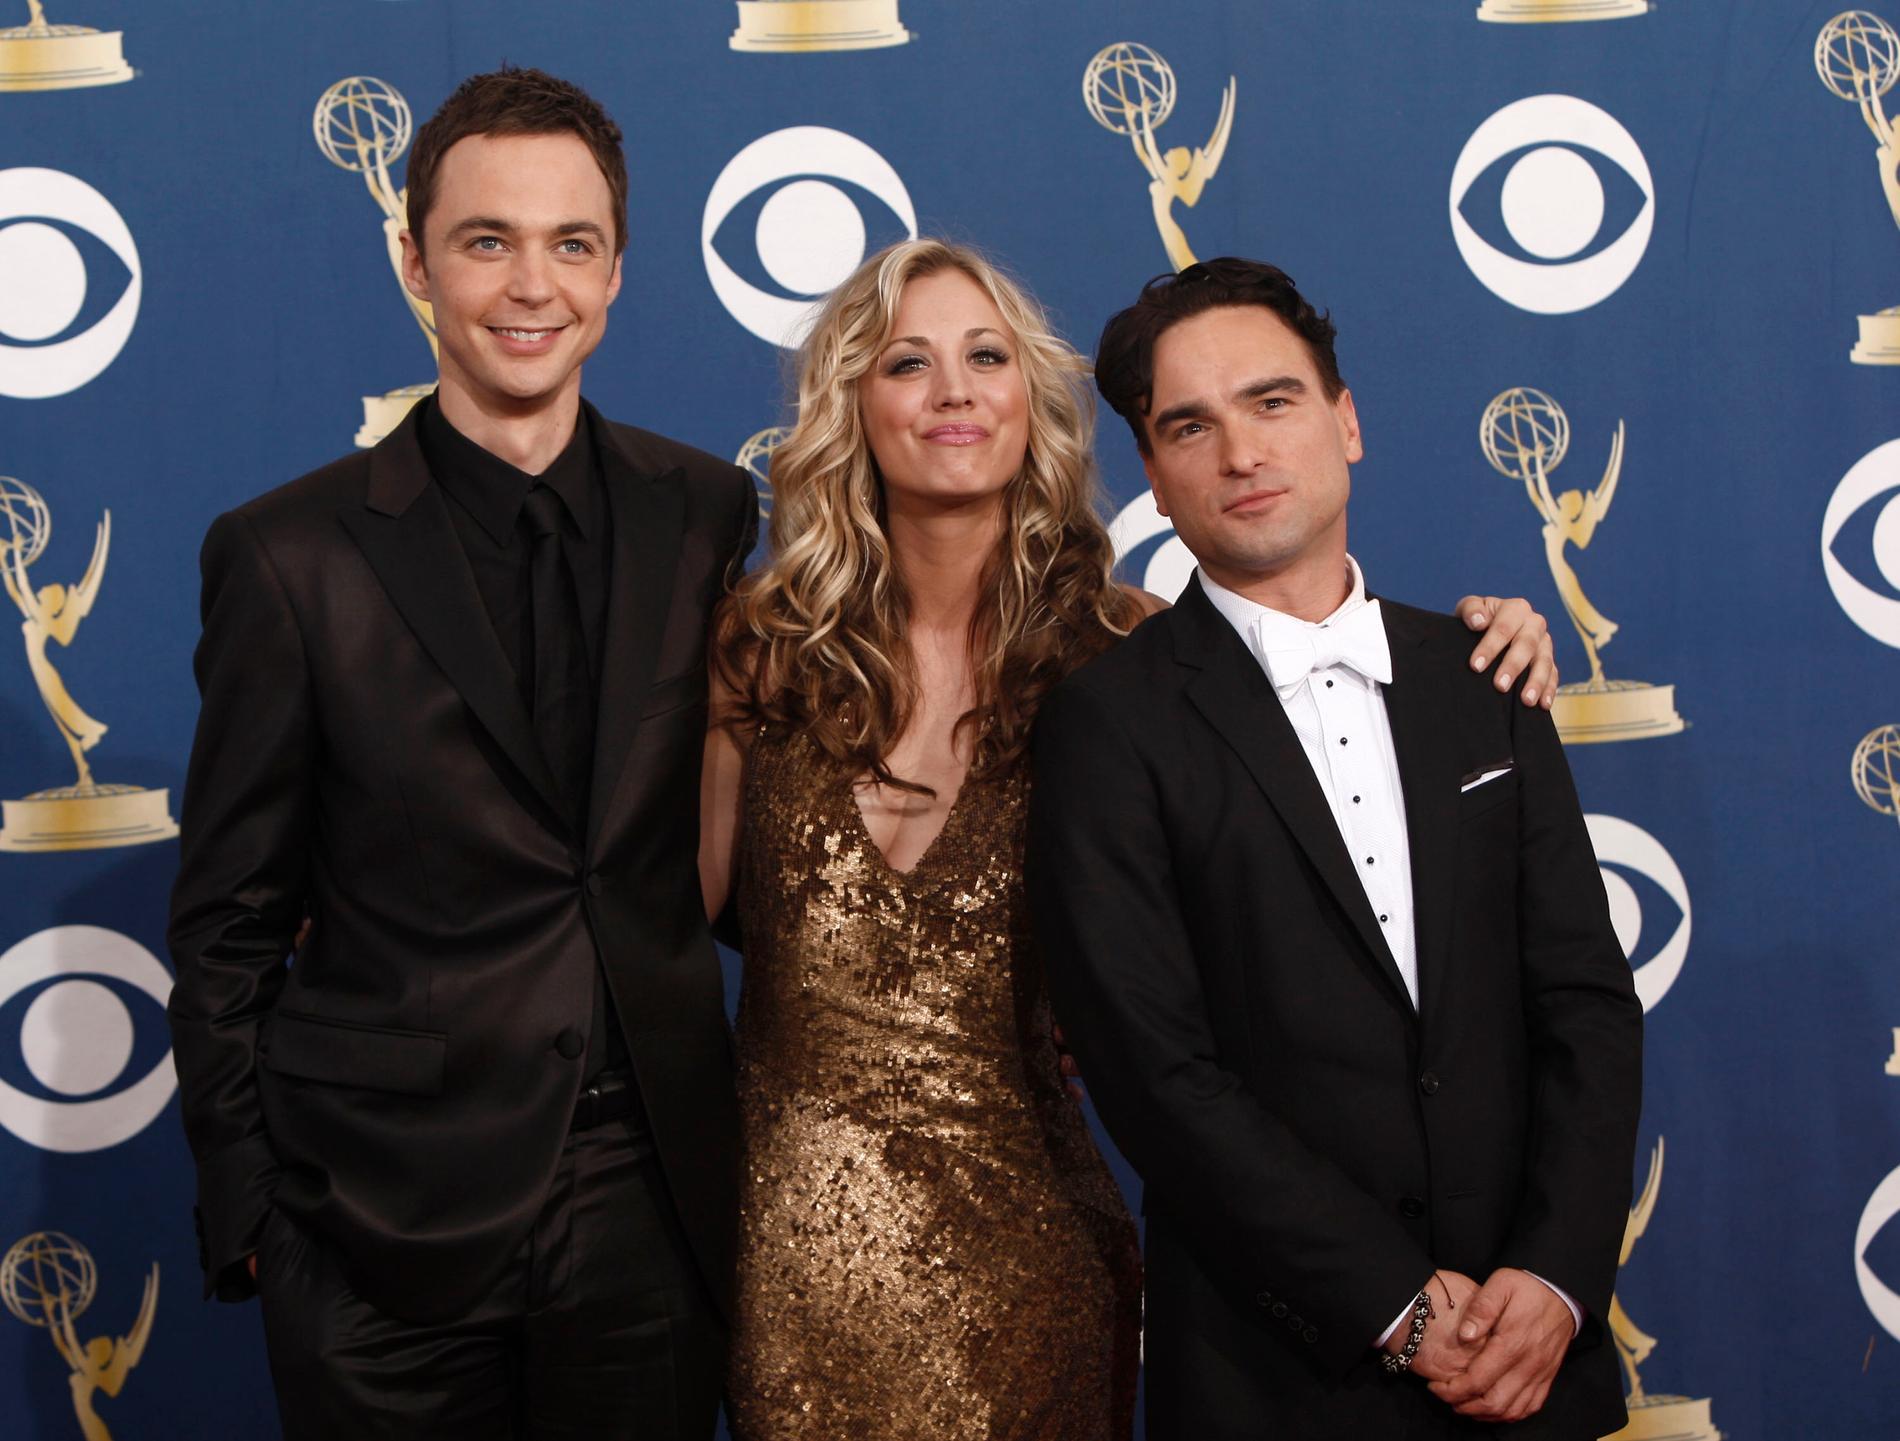 """Jim Parsons, Kaley Cuoco, Johnny Galecki och resten av skådespelarna tar farväl av sina rollfigurer i """"The big bang theory"""" i och med den aktuella tolfte säsongen, rapporterar Variety. Arkivbild."""